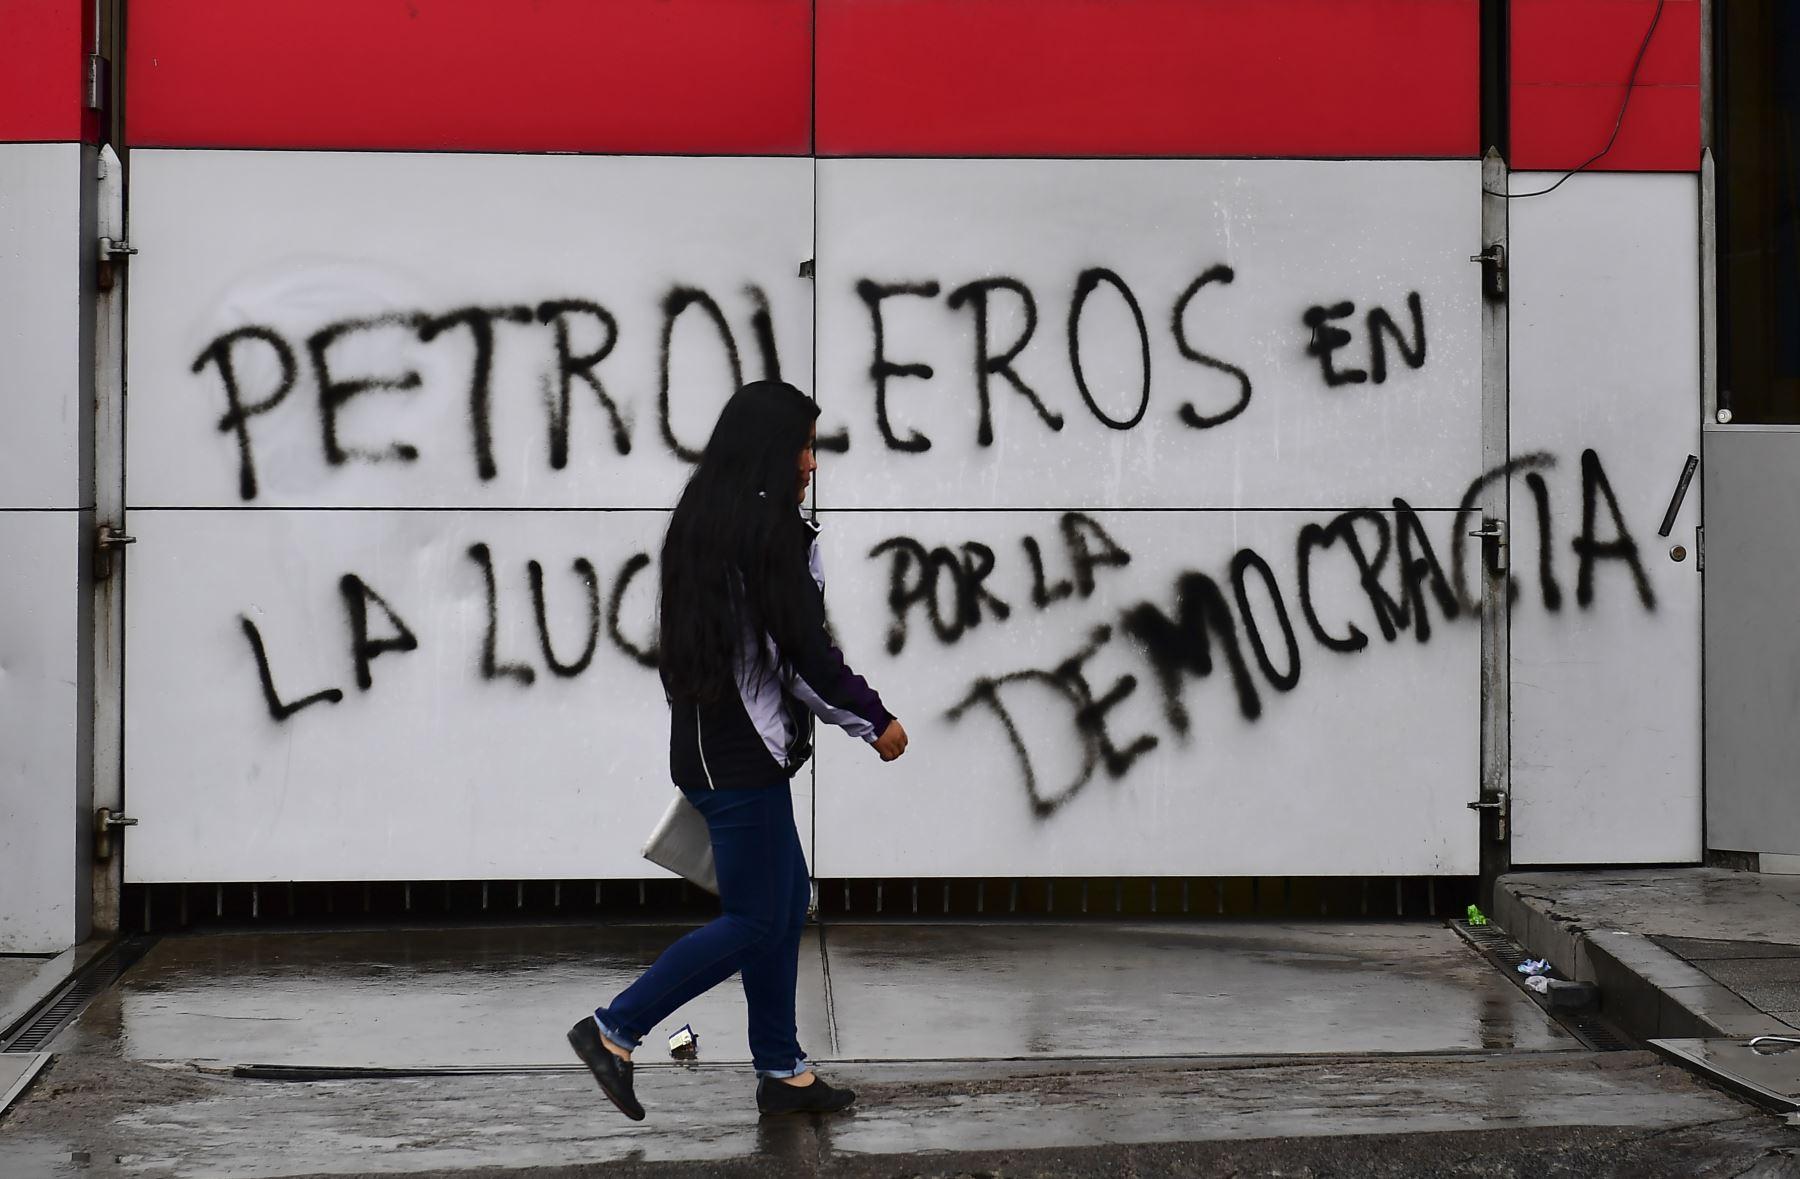 """Una mujer camina junto a una pared con un graffiti que dice """"Productores de petróleo en la lucha por la democracia"""" en La Paz. Foto: AFP"""